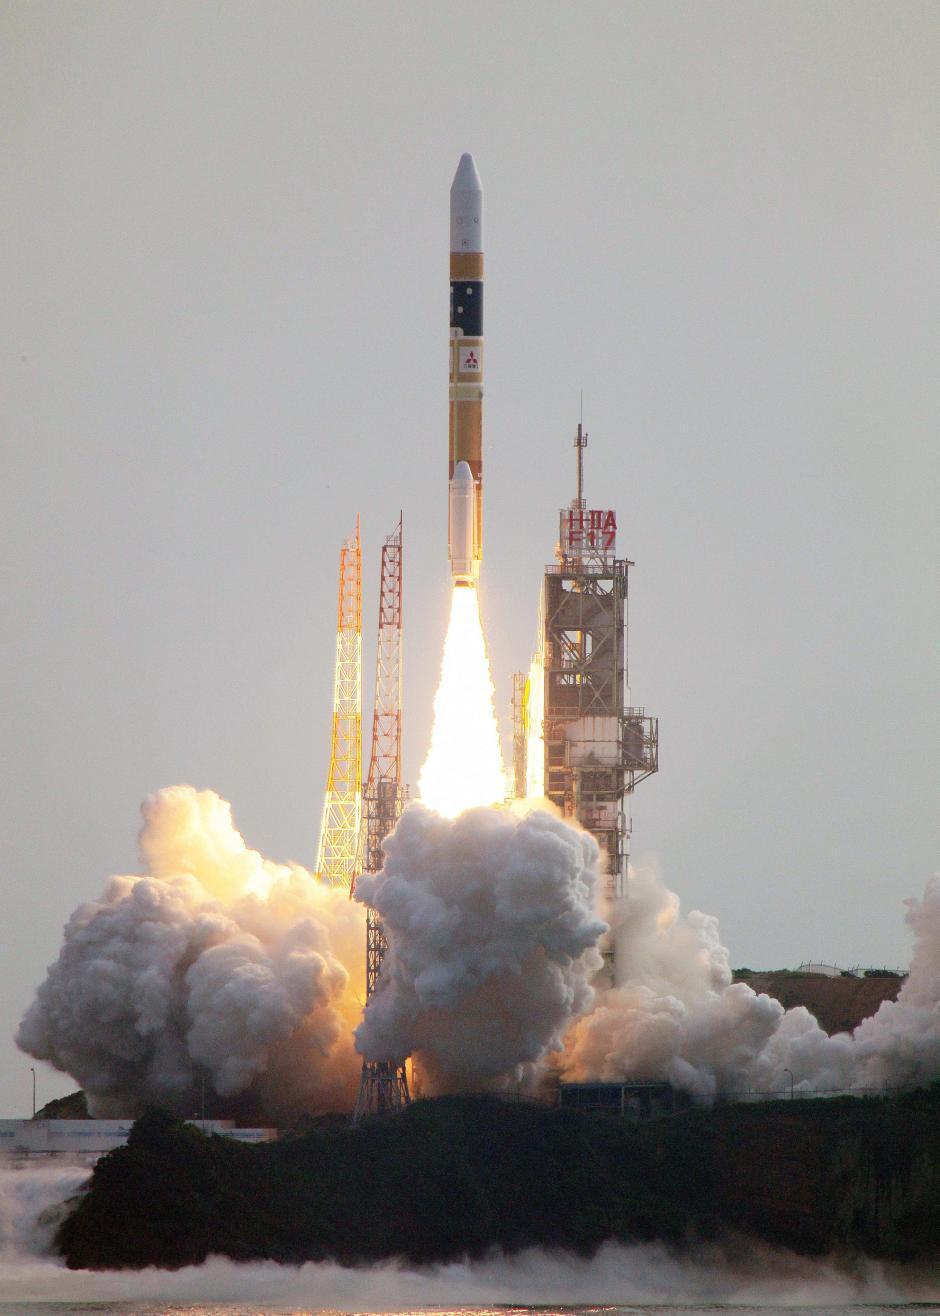 """Foto facilitada por Mitsubishi Heavy Industries, que muestra el lanzamiento de la sonda """"Akatsuki"""", que tendrá la misión de explorar el clima y la atmósfera de Venus. (Foto: EFE)"""